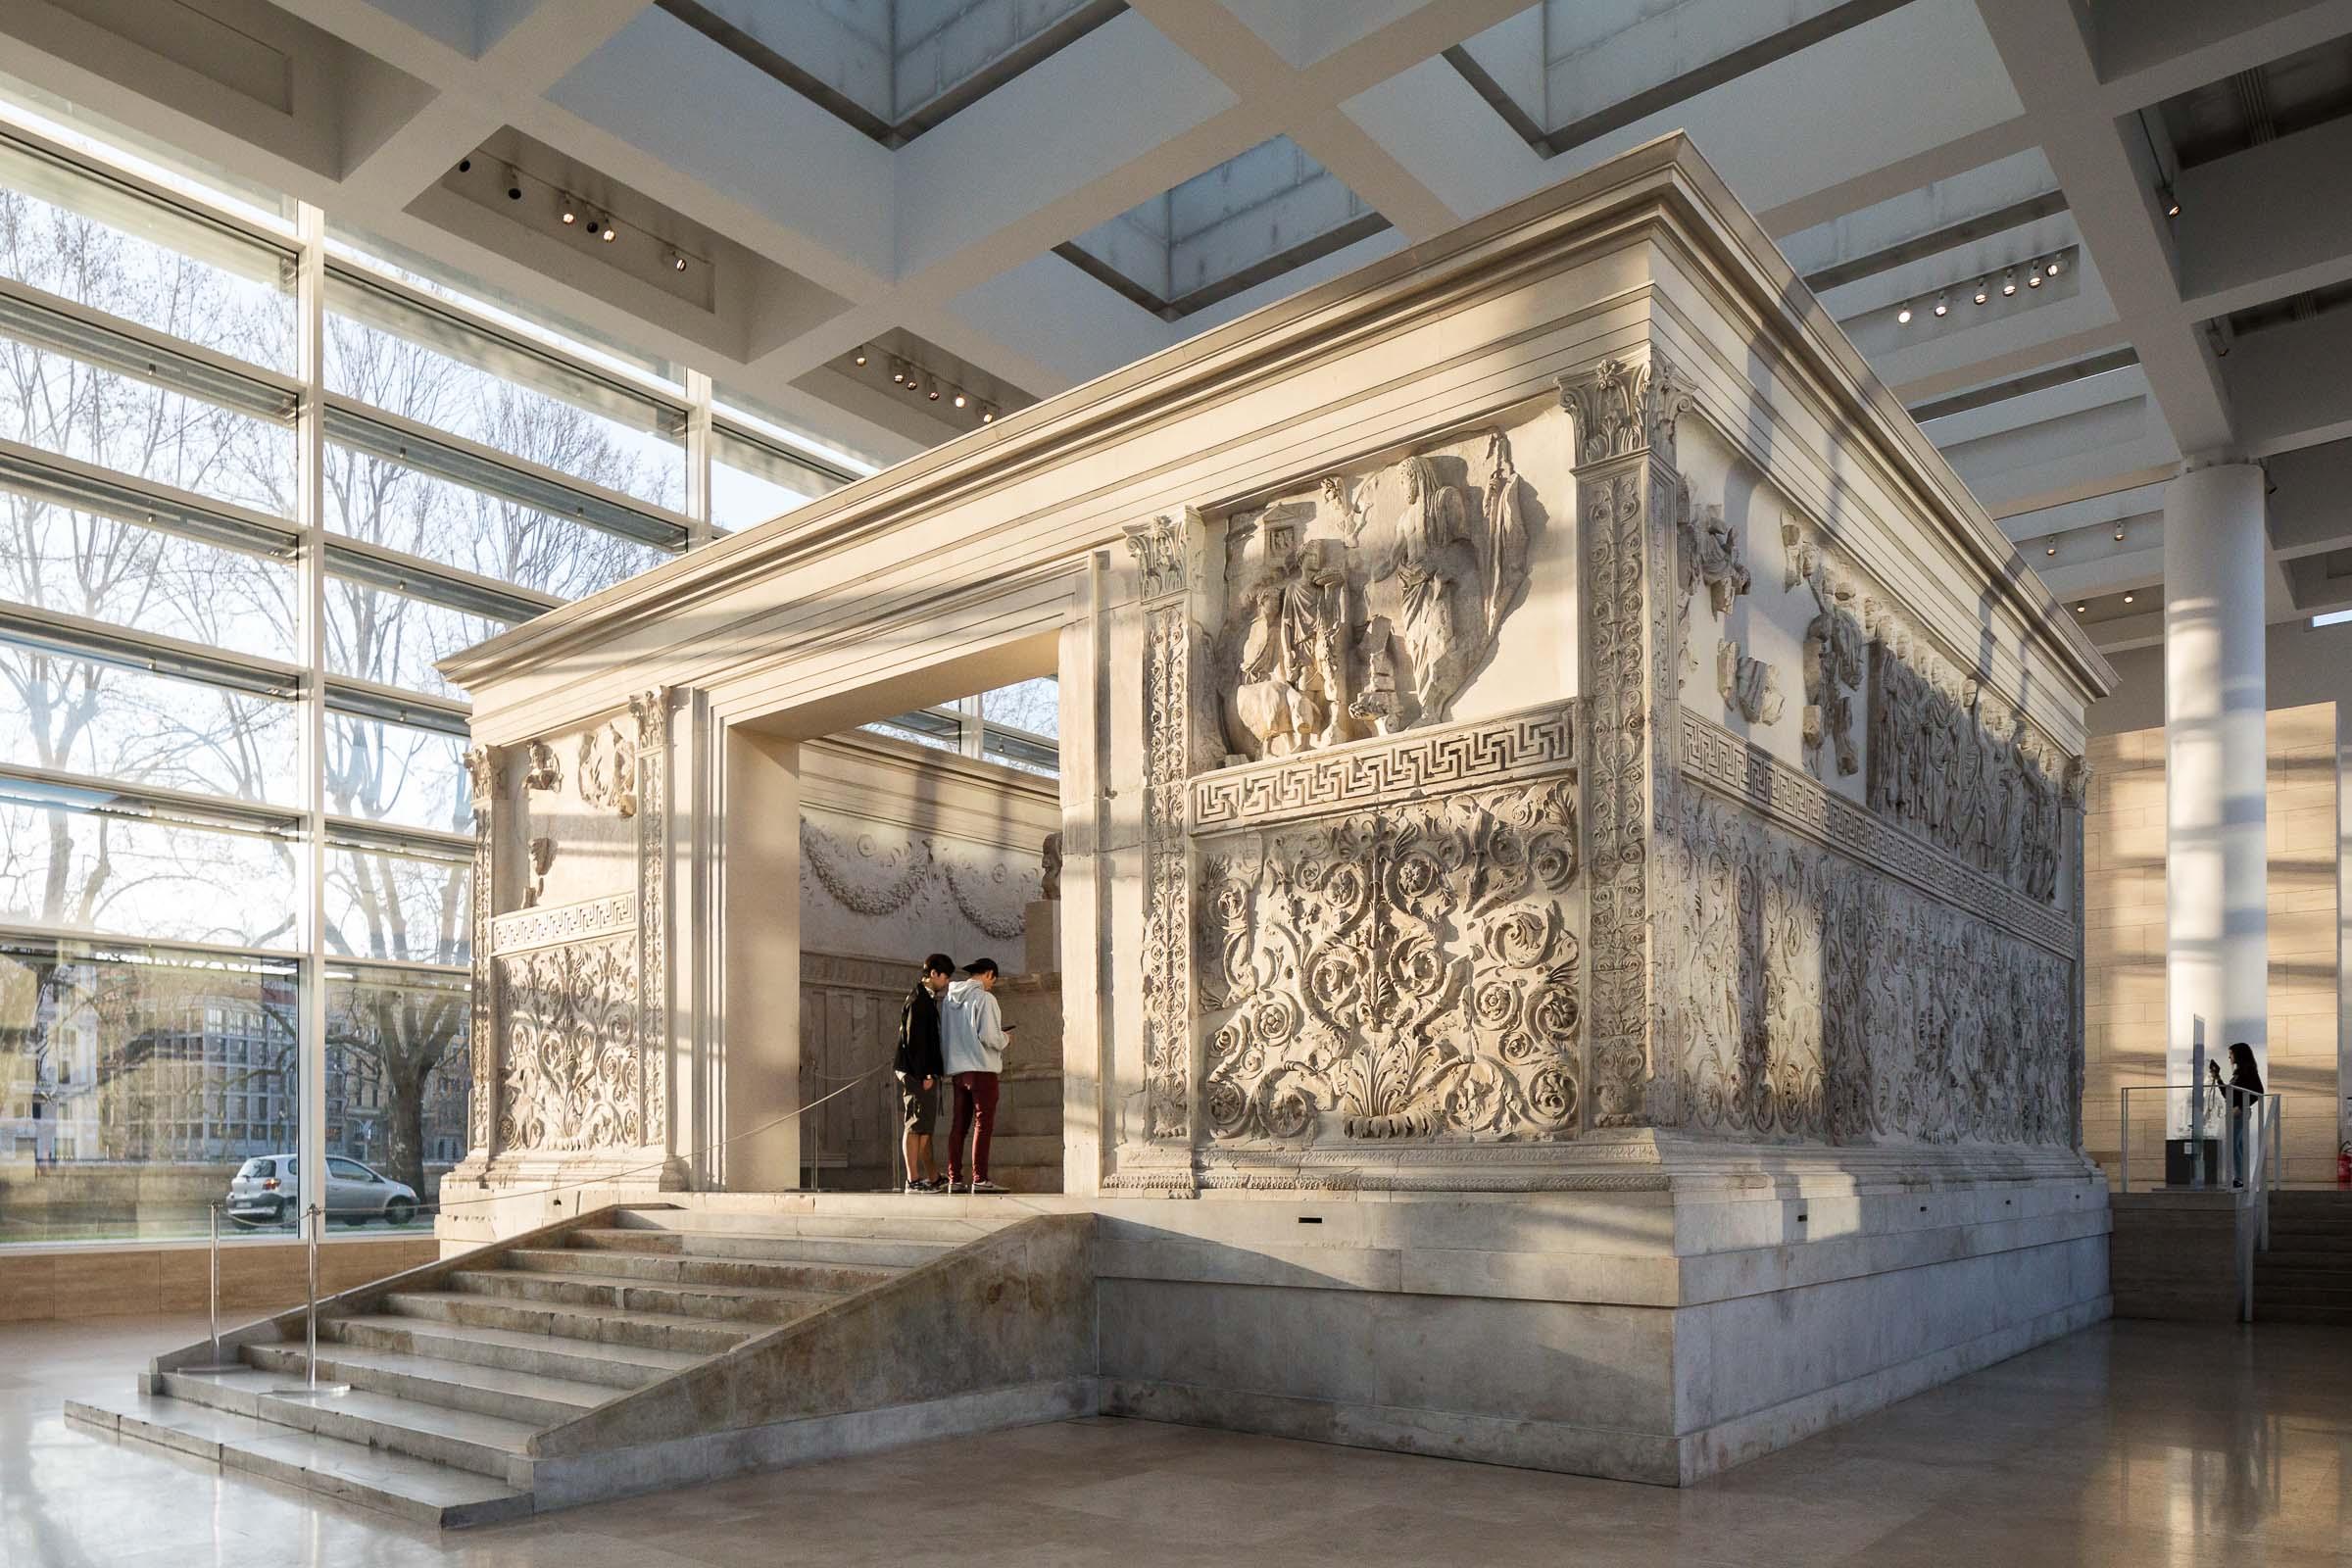 170313 Italy Rome 565.jpg